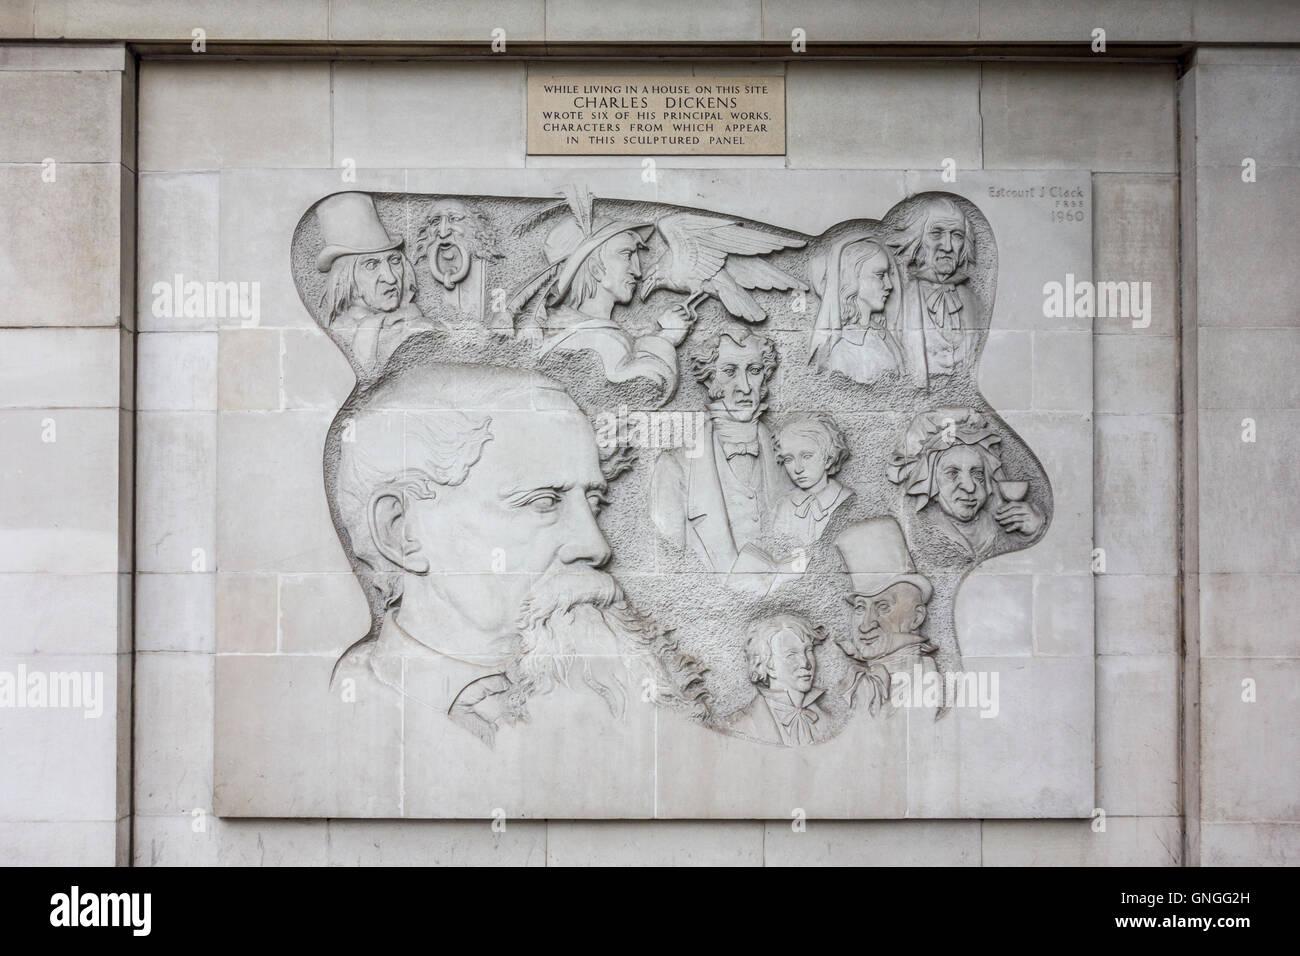 Geschnitzte Panel von Charles Dickens Zeichen von Estcourt James Clack, 1960. London, UK Stockbild